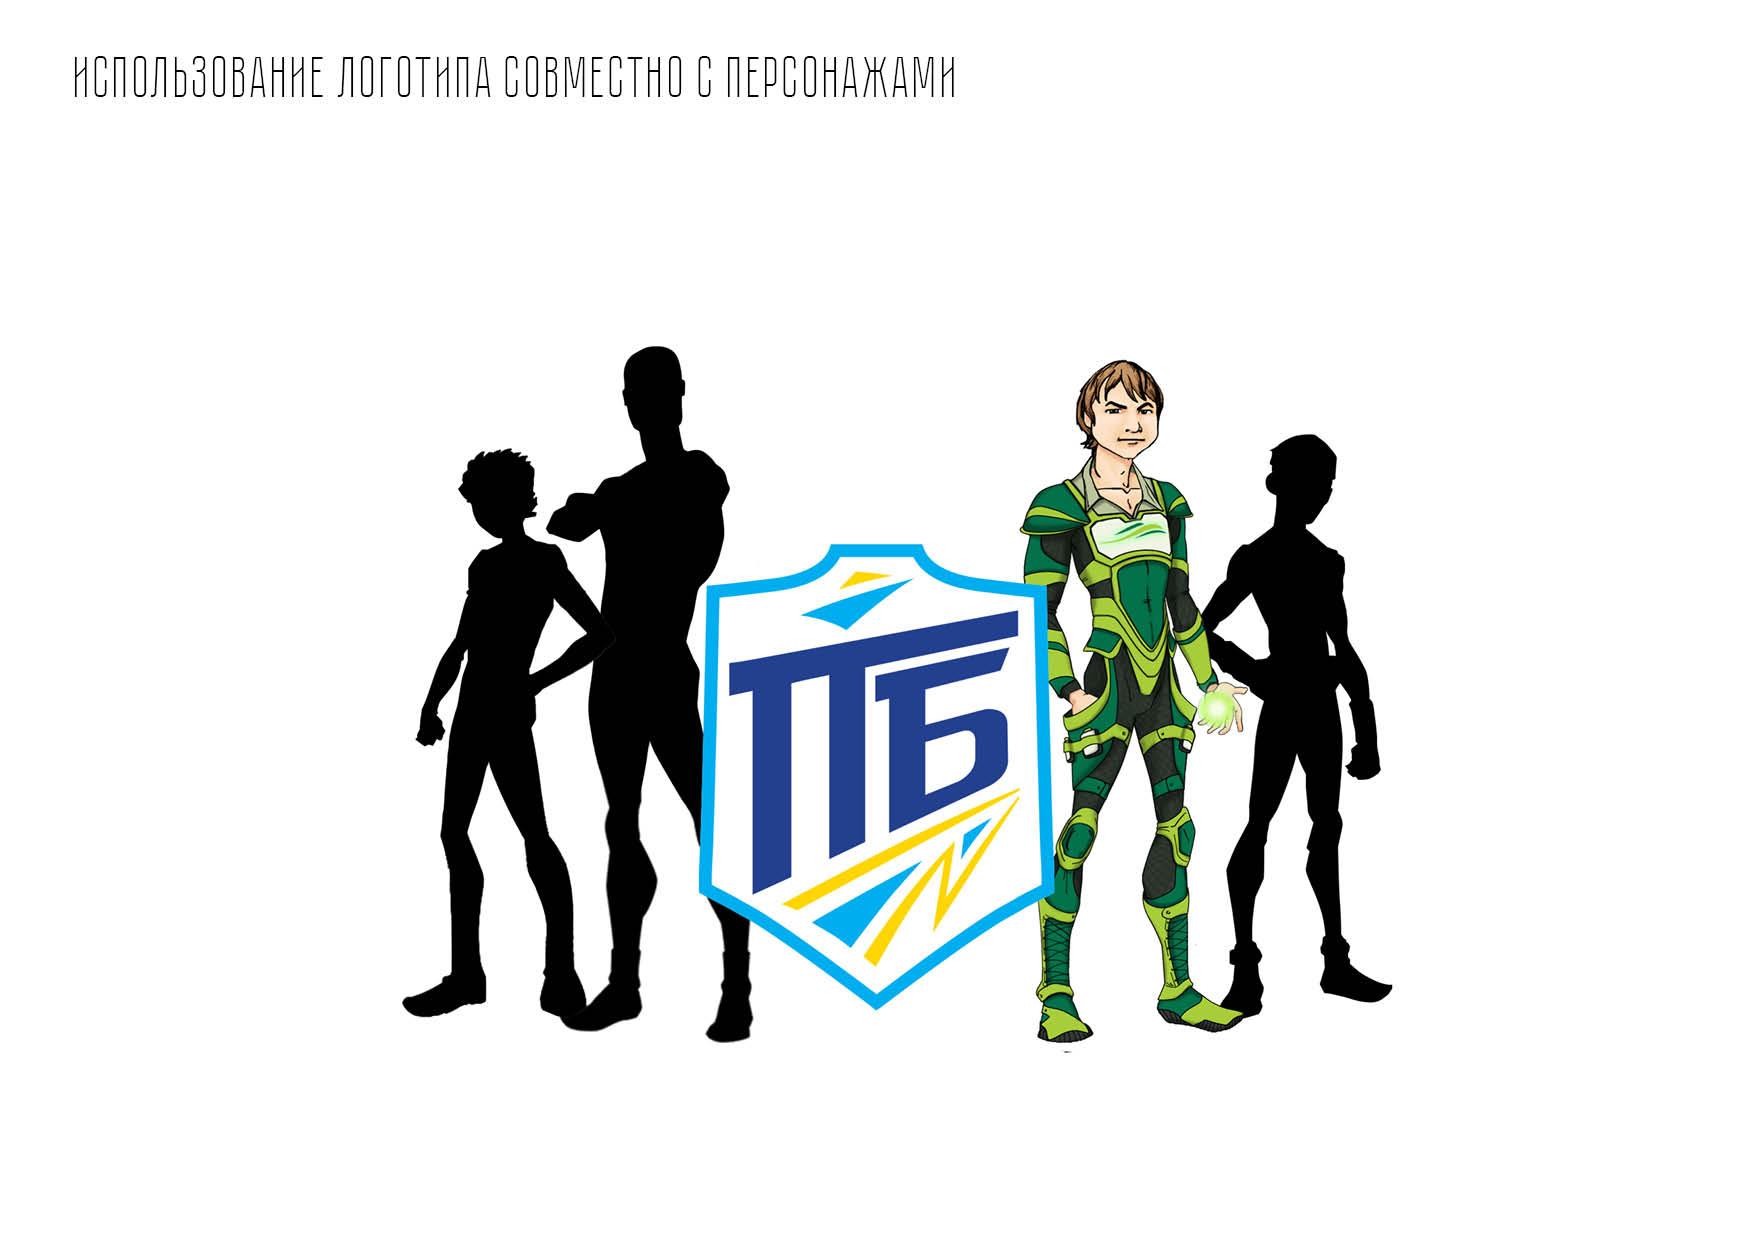 Элементы айдентики для бренда Предприниматели Будущего фото f_7095c3a452b7f2fb.jpg